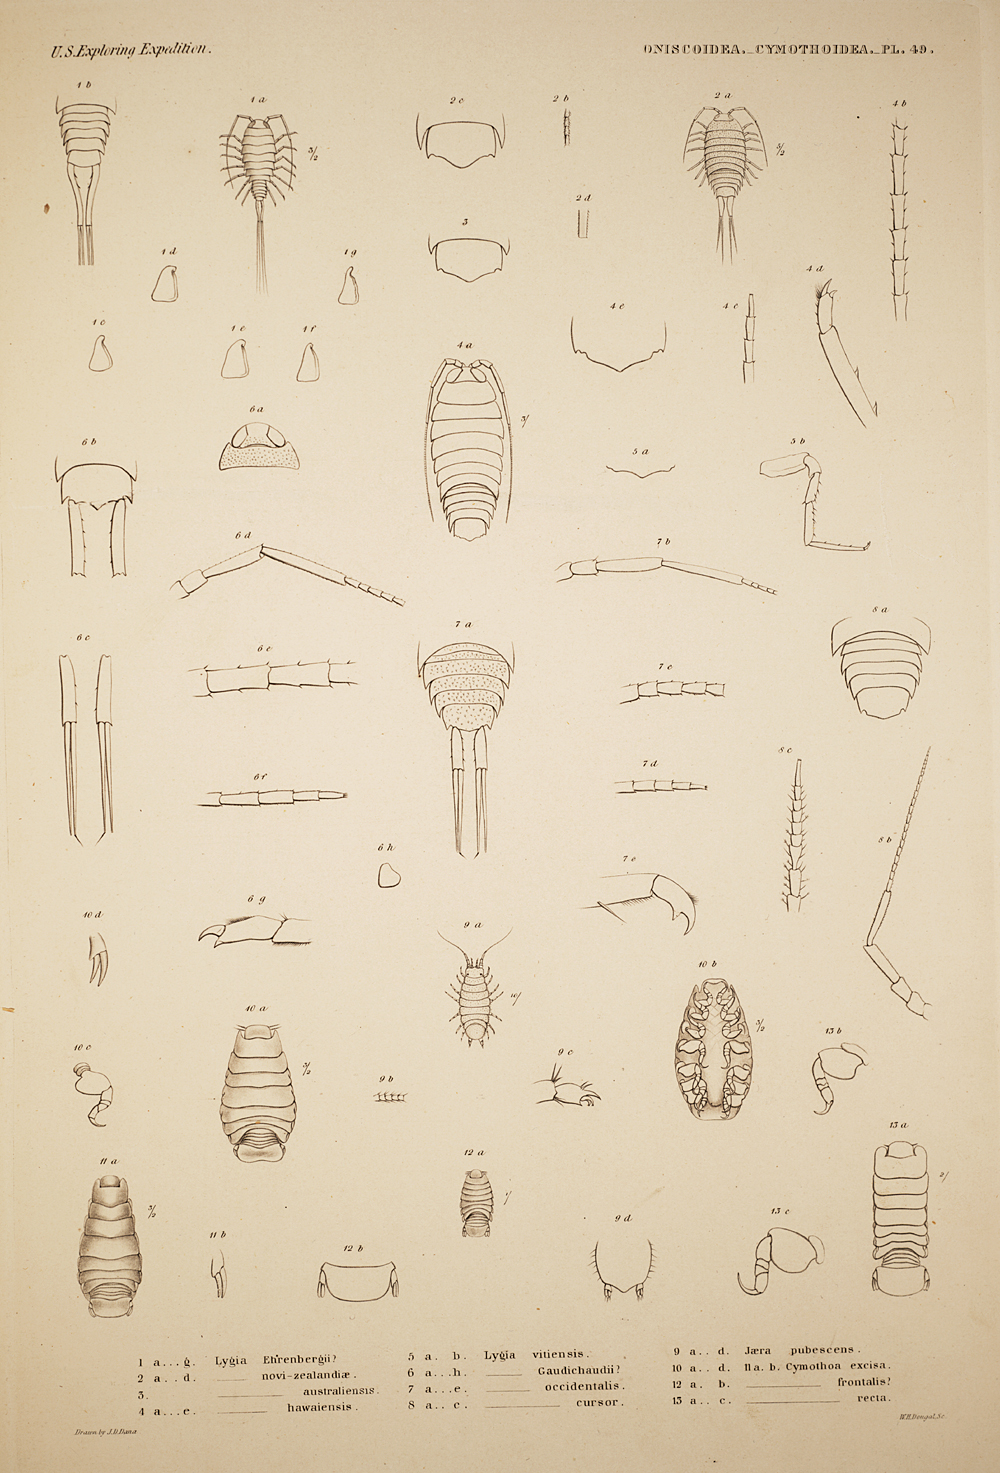 Oniscoidea. Cymothoidea. Pl. 49,  Image number:SIL19-21-131b